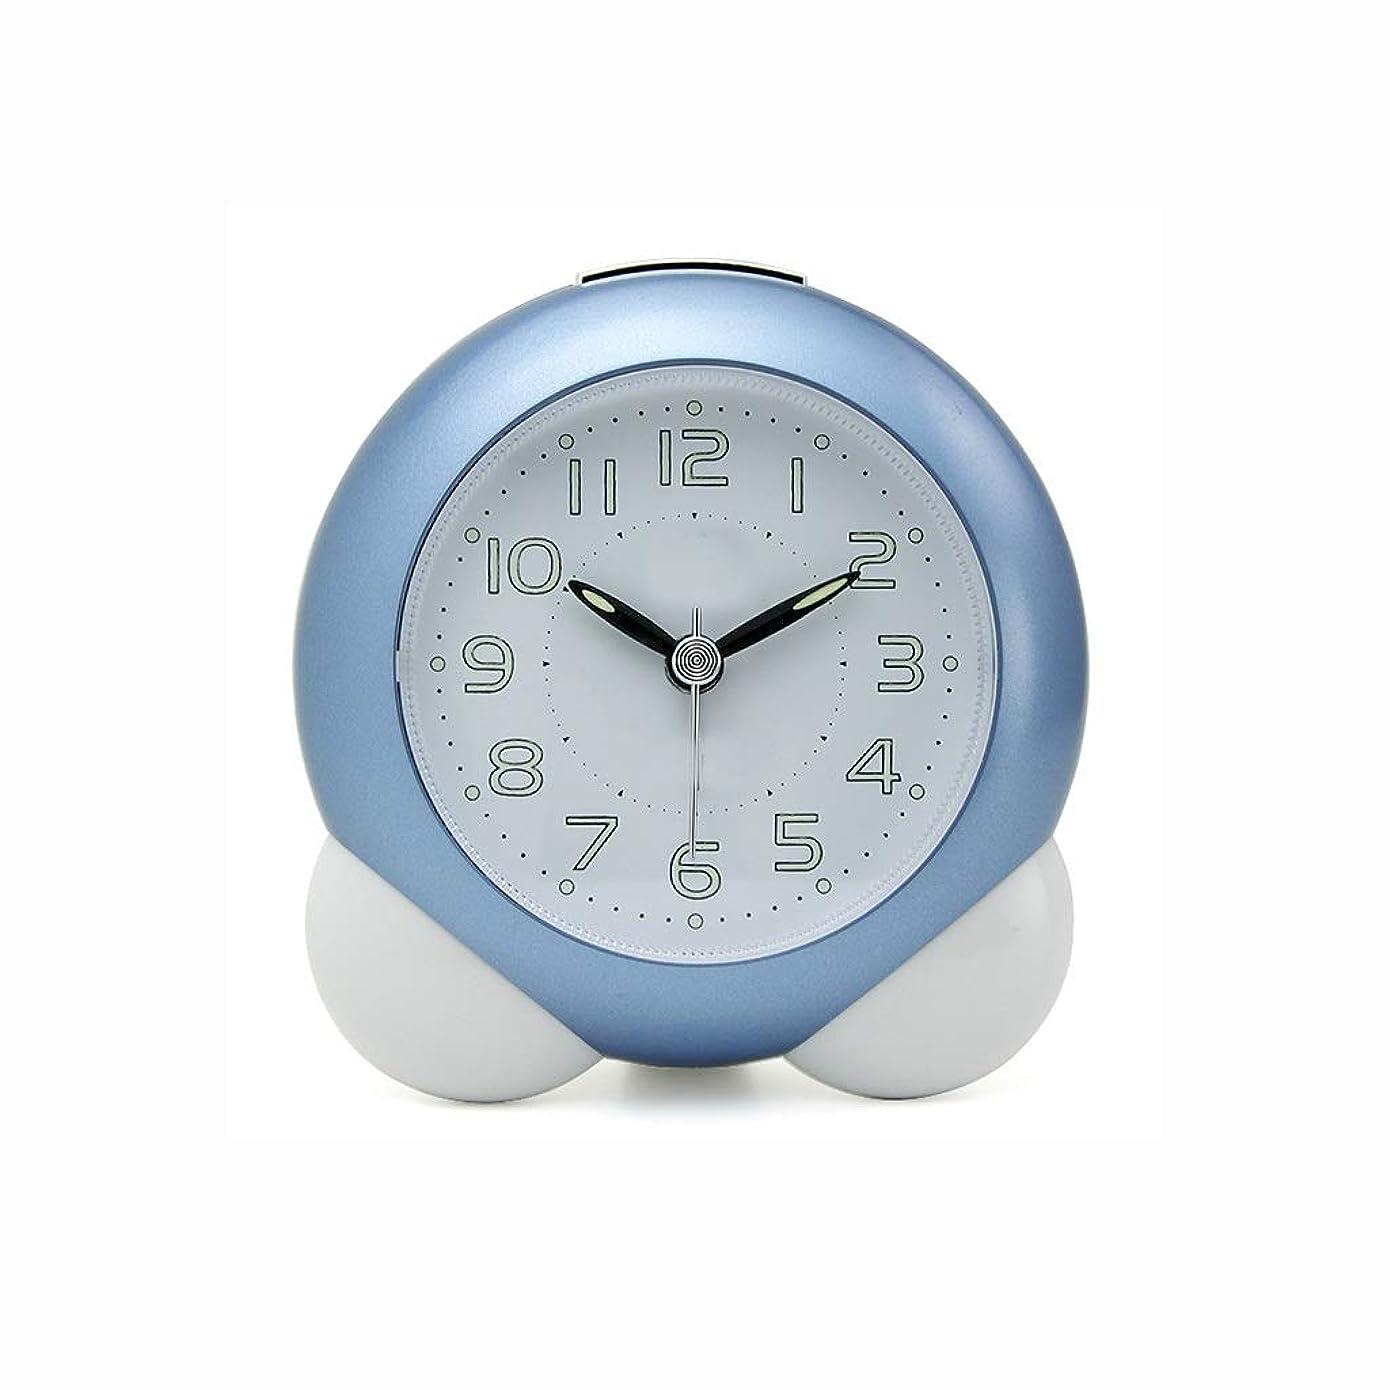 ナラーバー貸す管理小さなアラームテーブルファッションクリエイティブ学生漫画ベッドサイドベッドルームサイレント目覚まし時計付きナイトライト機能